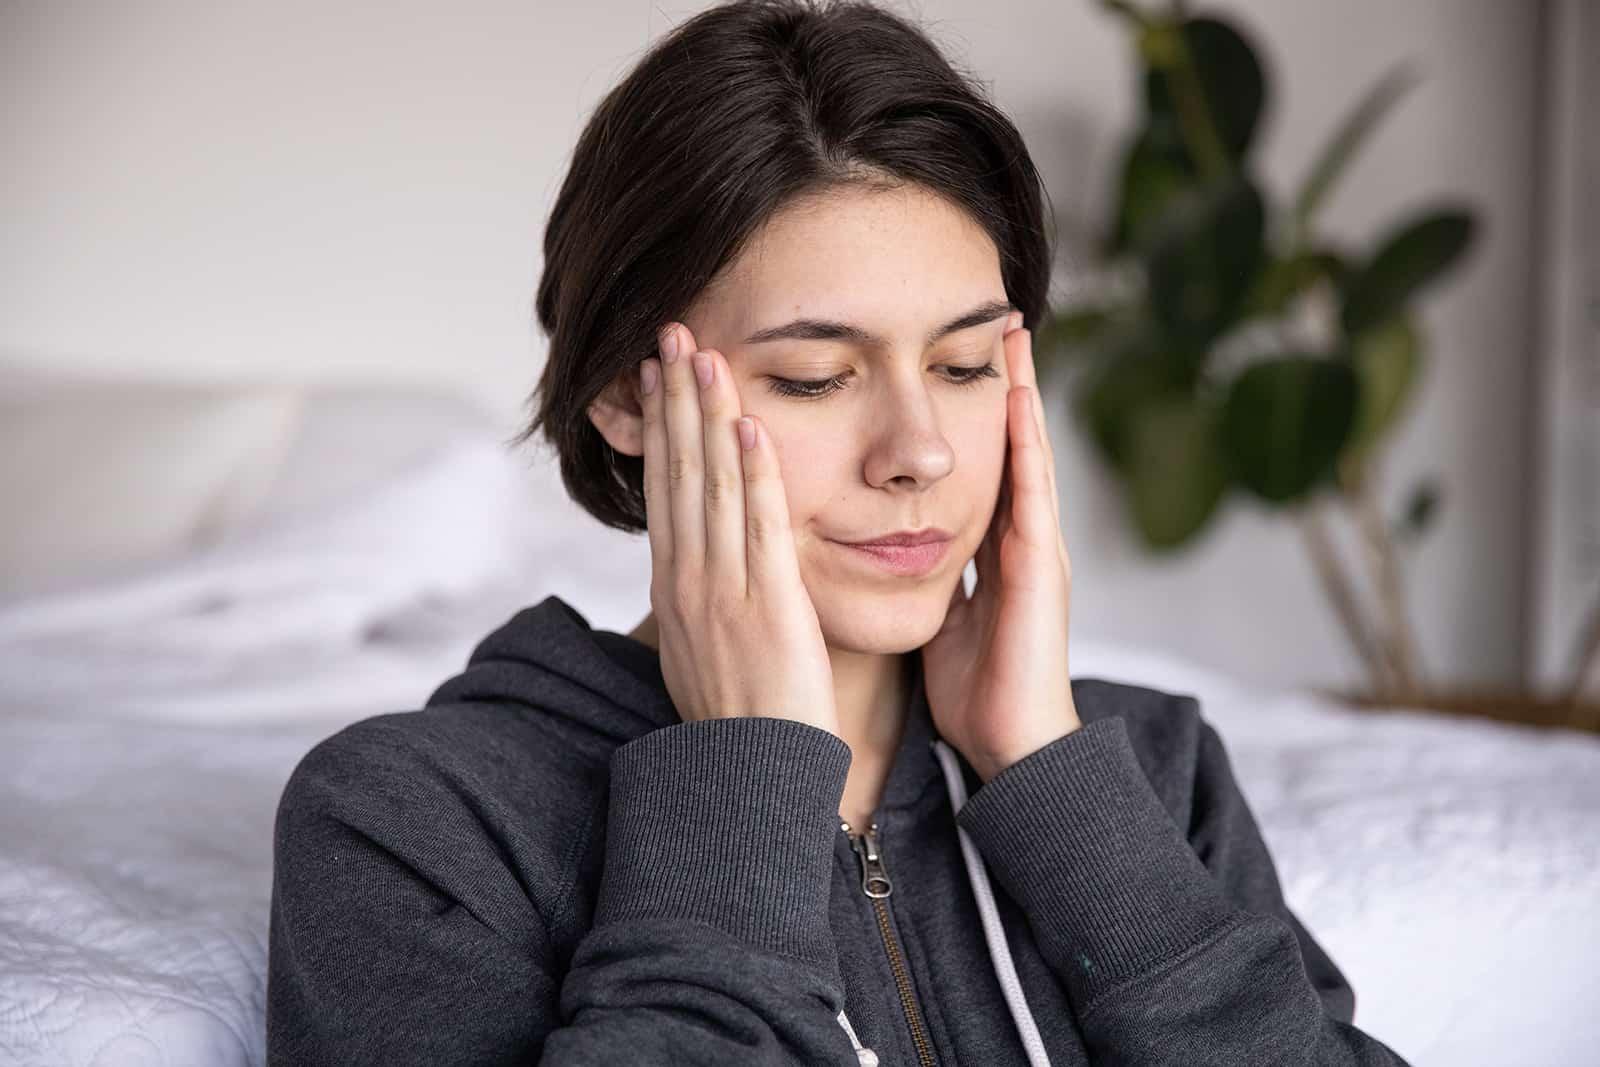 eine Frau, die neben dem Bett sitzt und den Kopf mit den Händen berührt